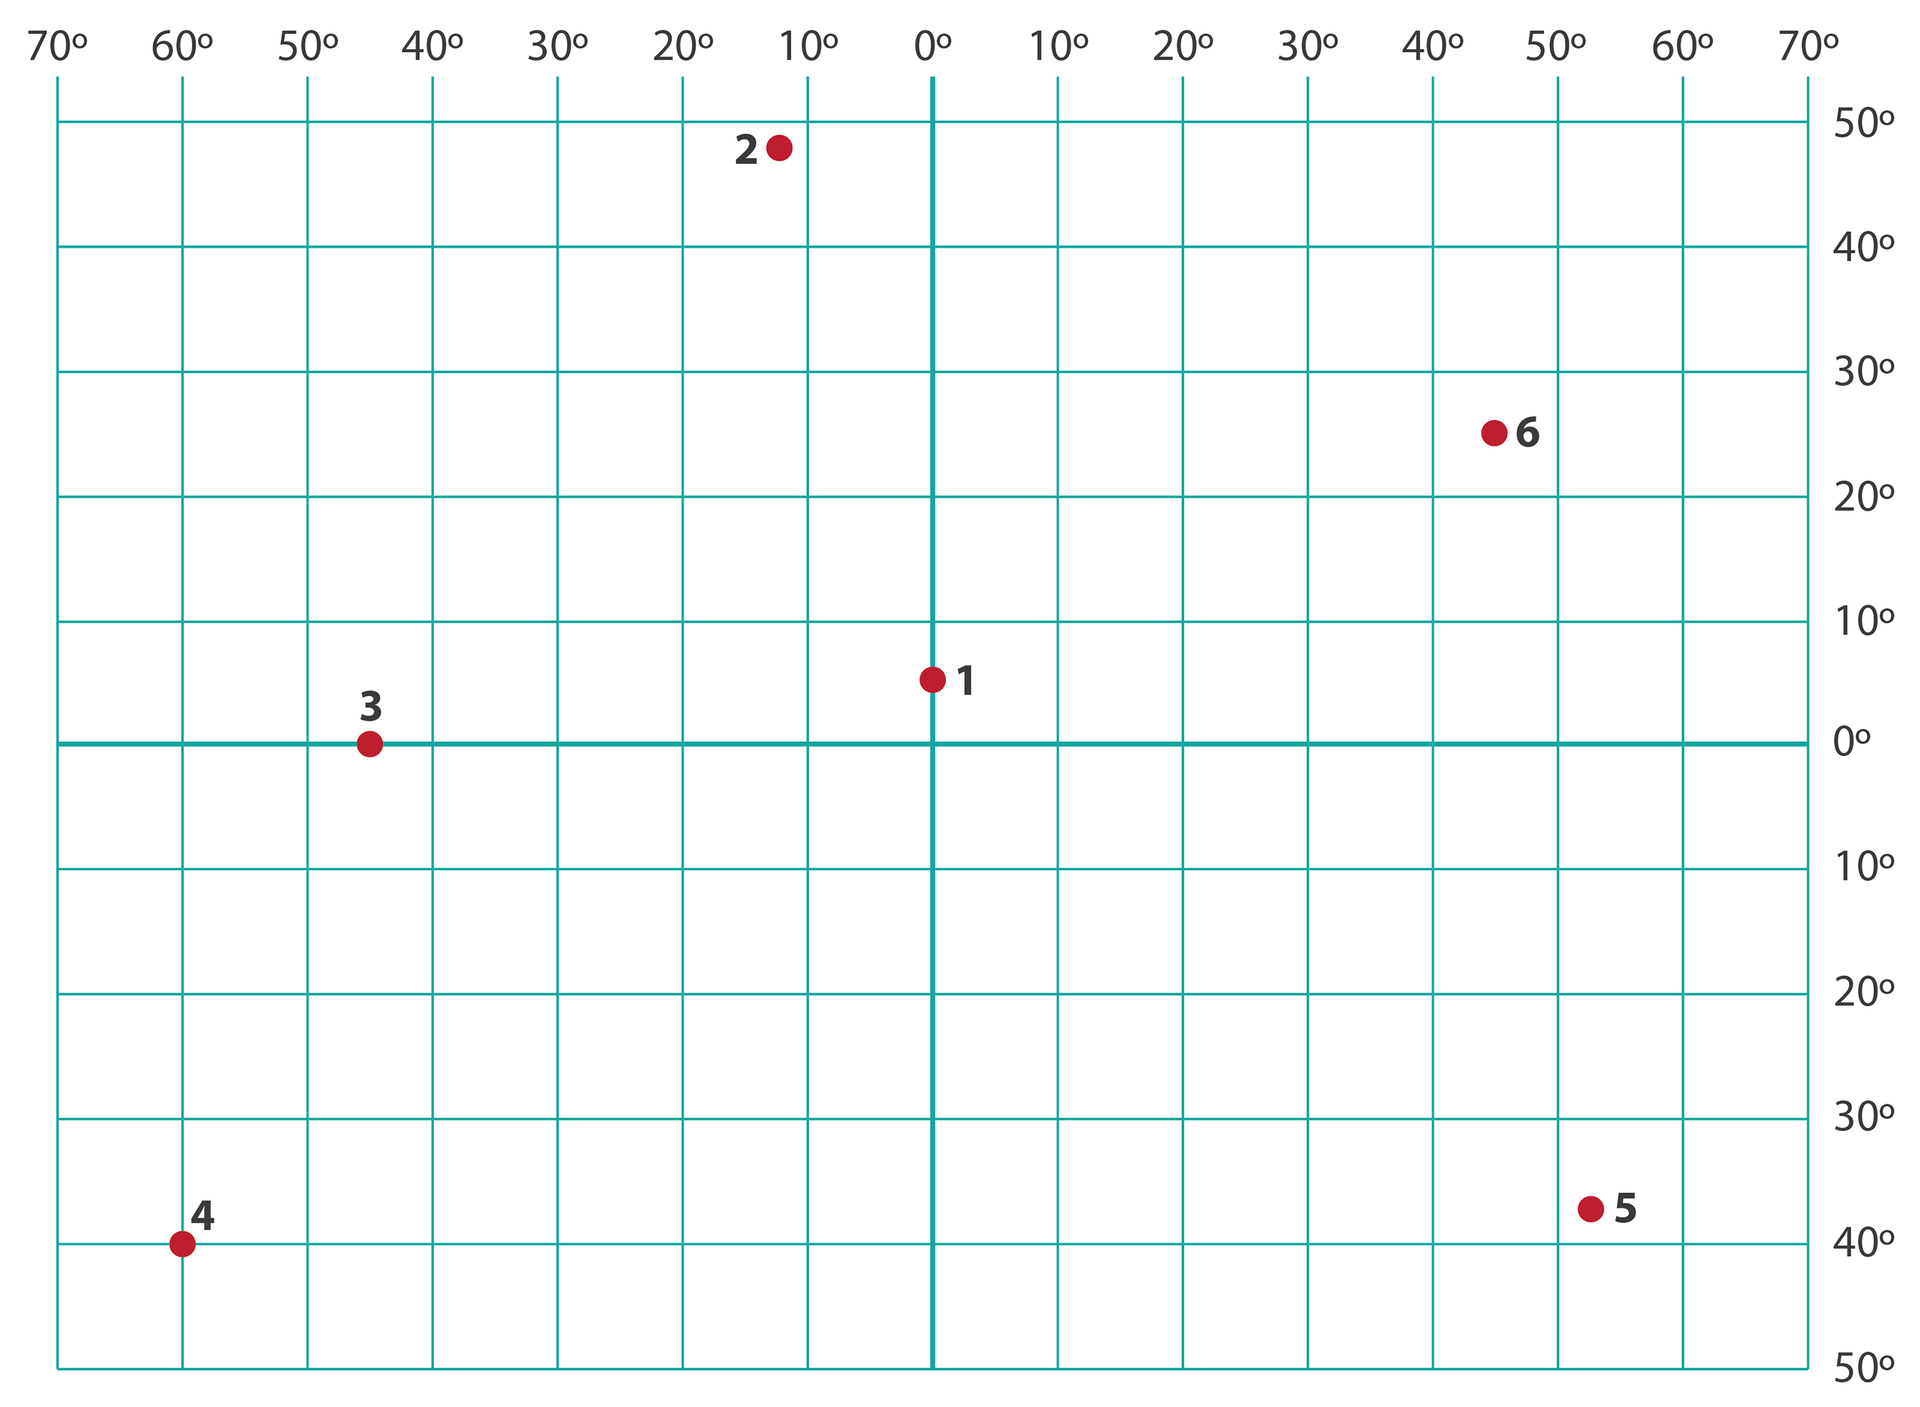 Ćwiczenie składa się zpionowych ipoziomych linii, tworzących kratki. Linie są opisane cyframi, co 10. Na liniach ipomiędzy nimi zaznaczono czerwone punkty do odczytu współrzędnych.